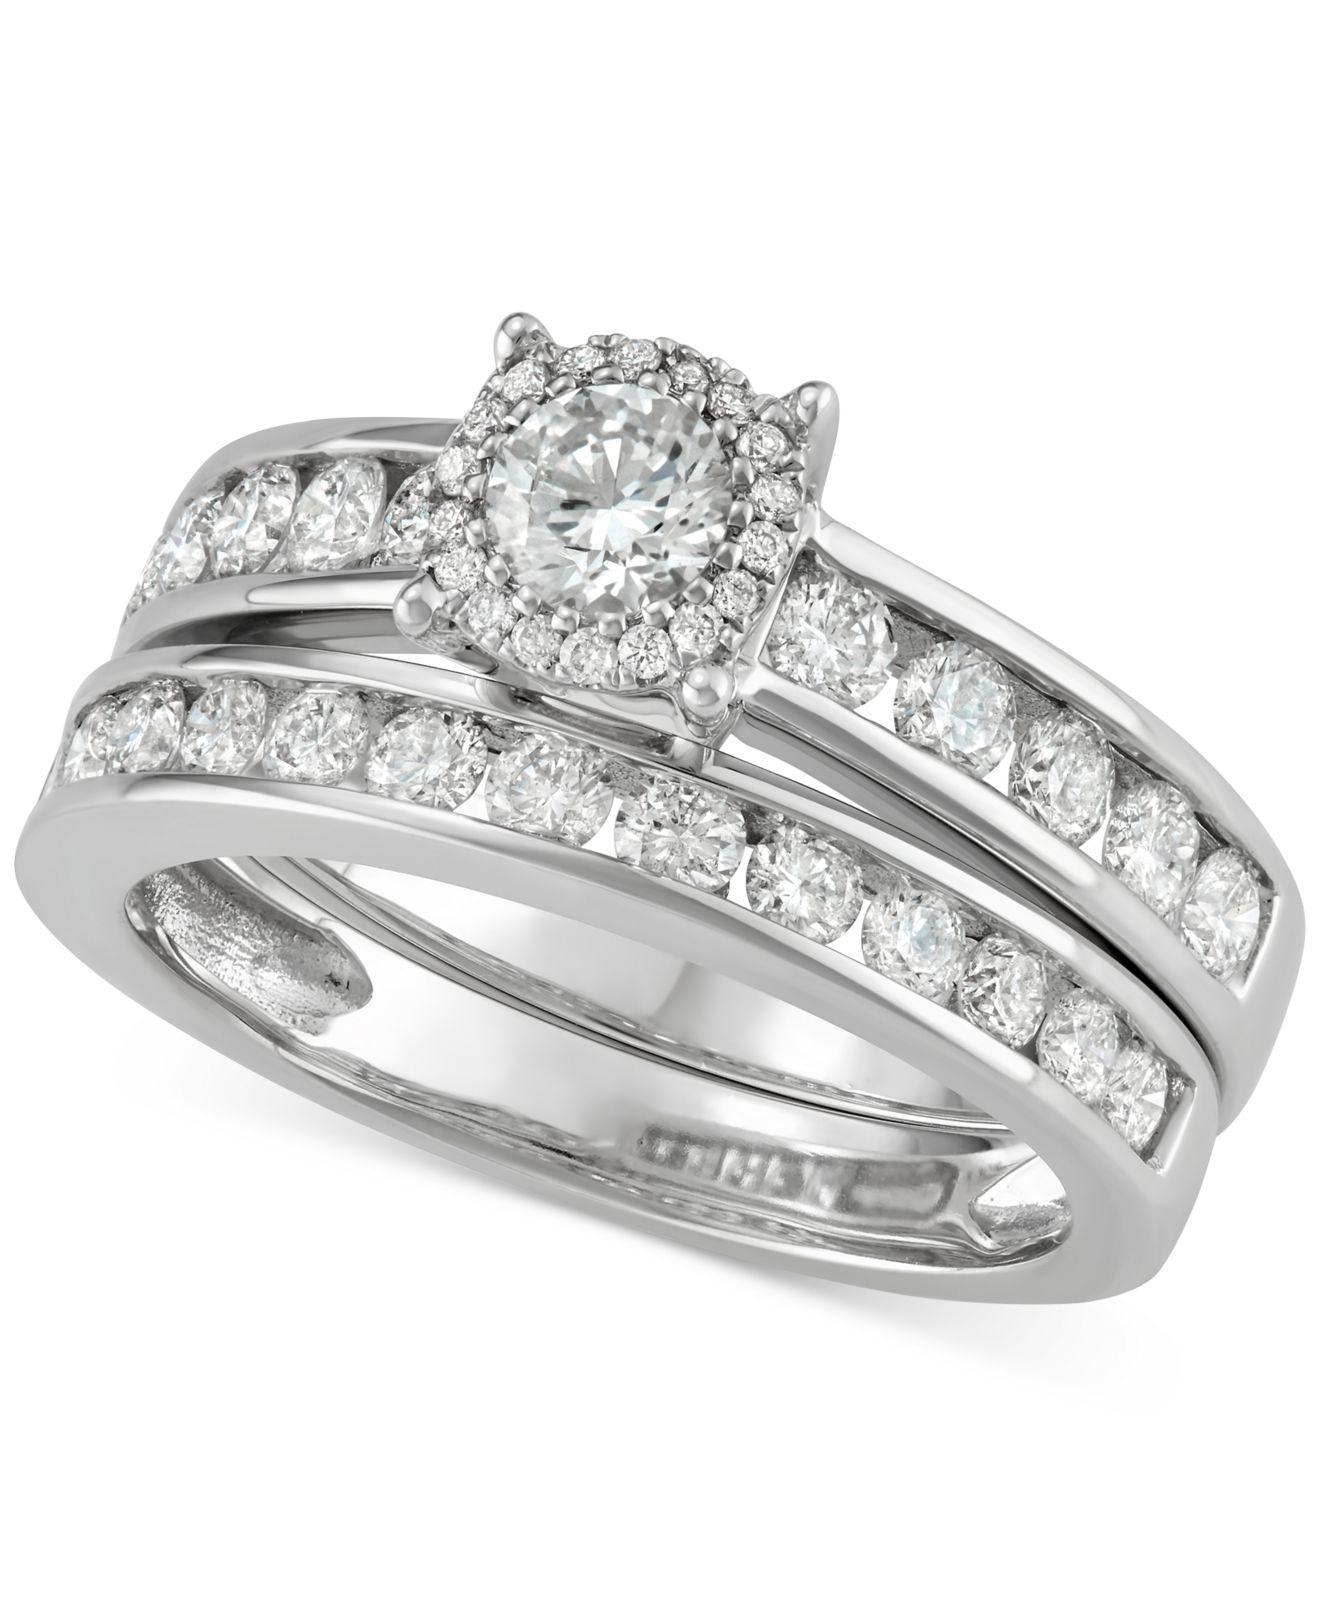 Macy s Diamond Channel set Halo Bridal Set 1 1 2 Ct T w In 14k